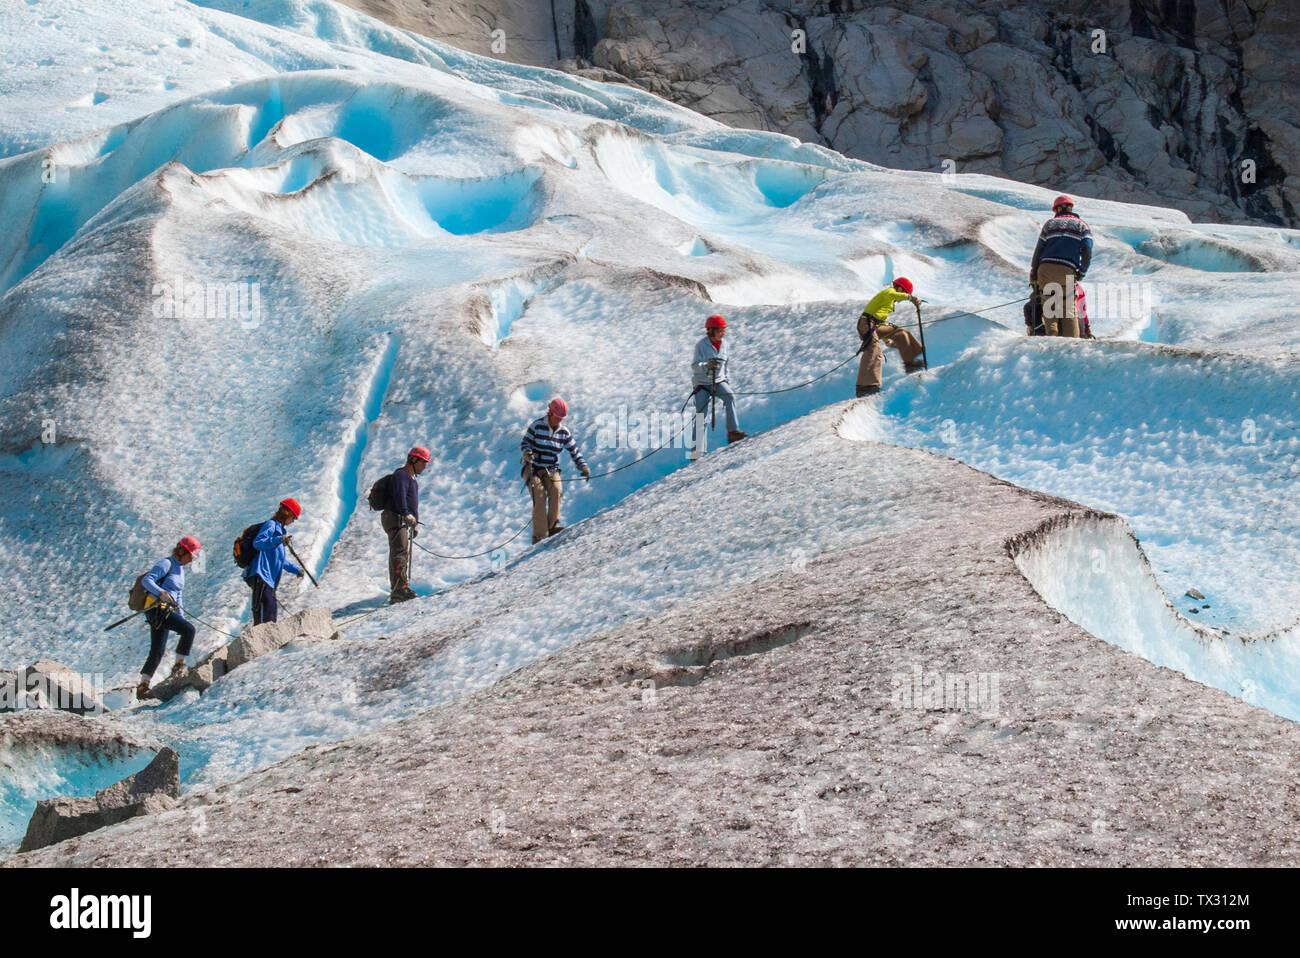 Les touristes marcher sur un glacier tour guidé sur le Glacier Briksdal en Norvège Banque D'Images